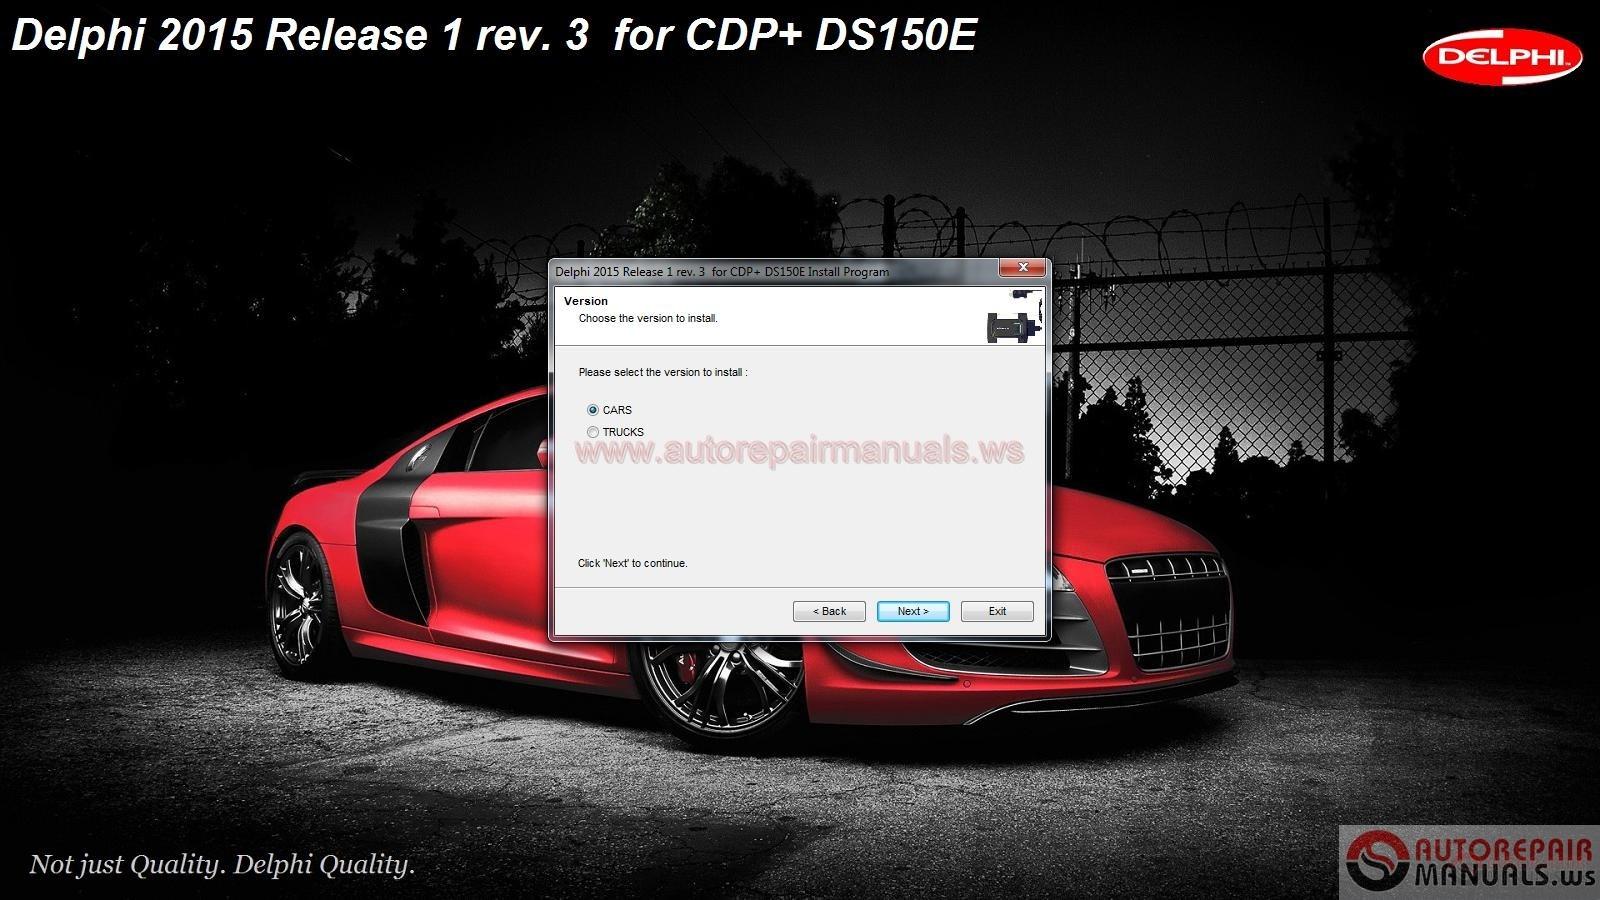 How To Reset Ecm >> Delphi Cars & Trucks DS150E [R1.2015] Full Unlocked ...